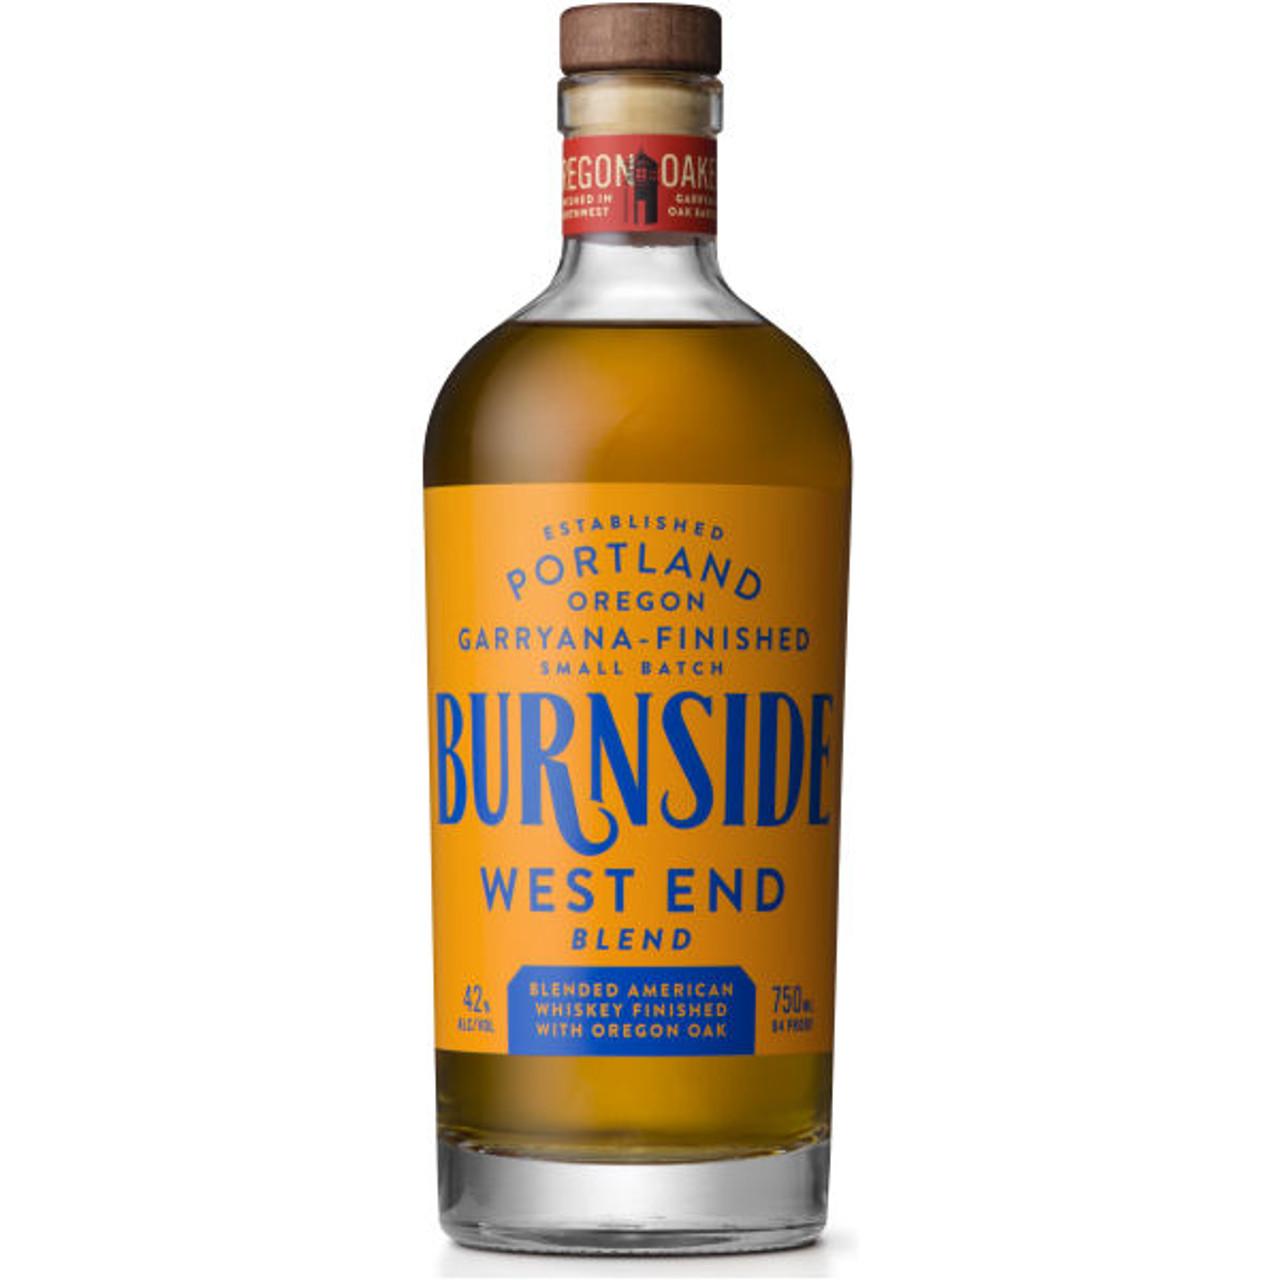 Burnside West End Blended American Whiskey 750ml